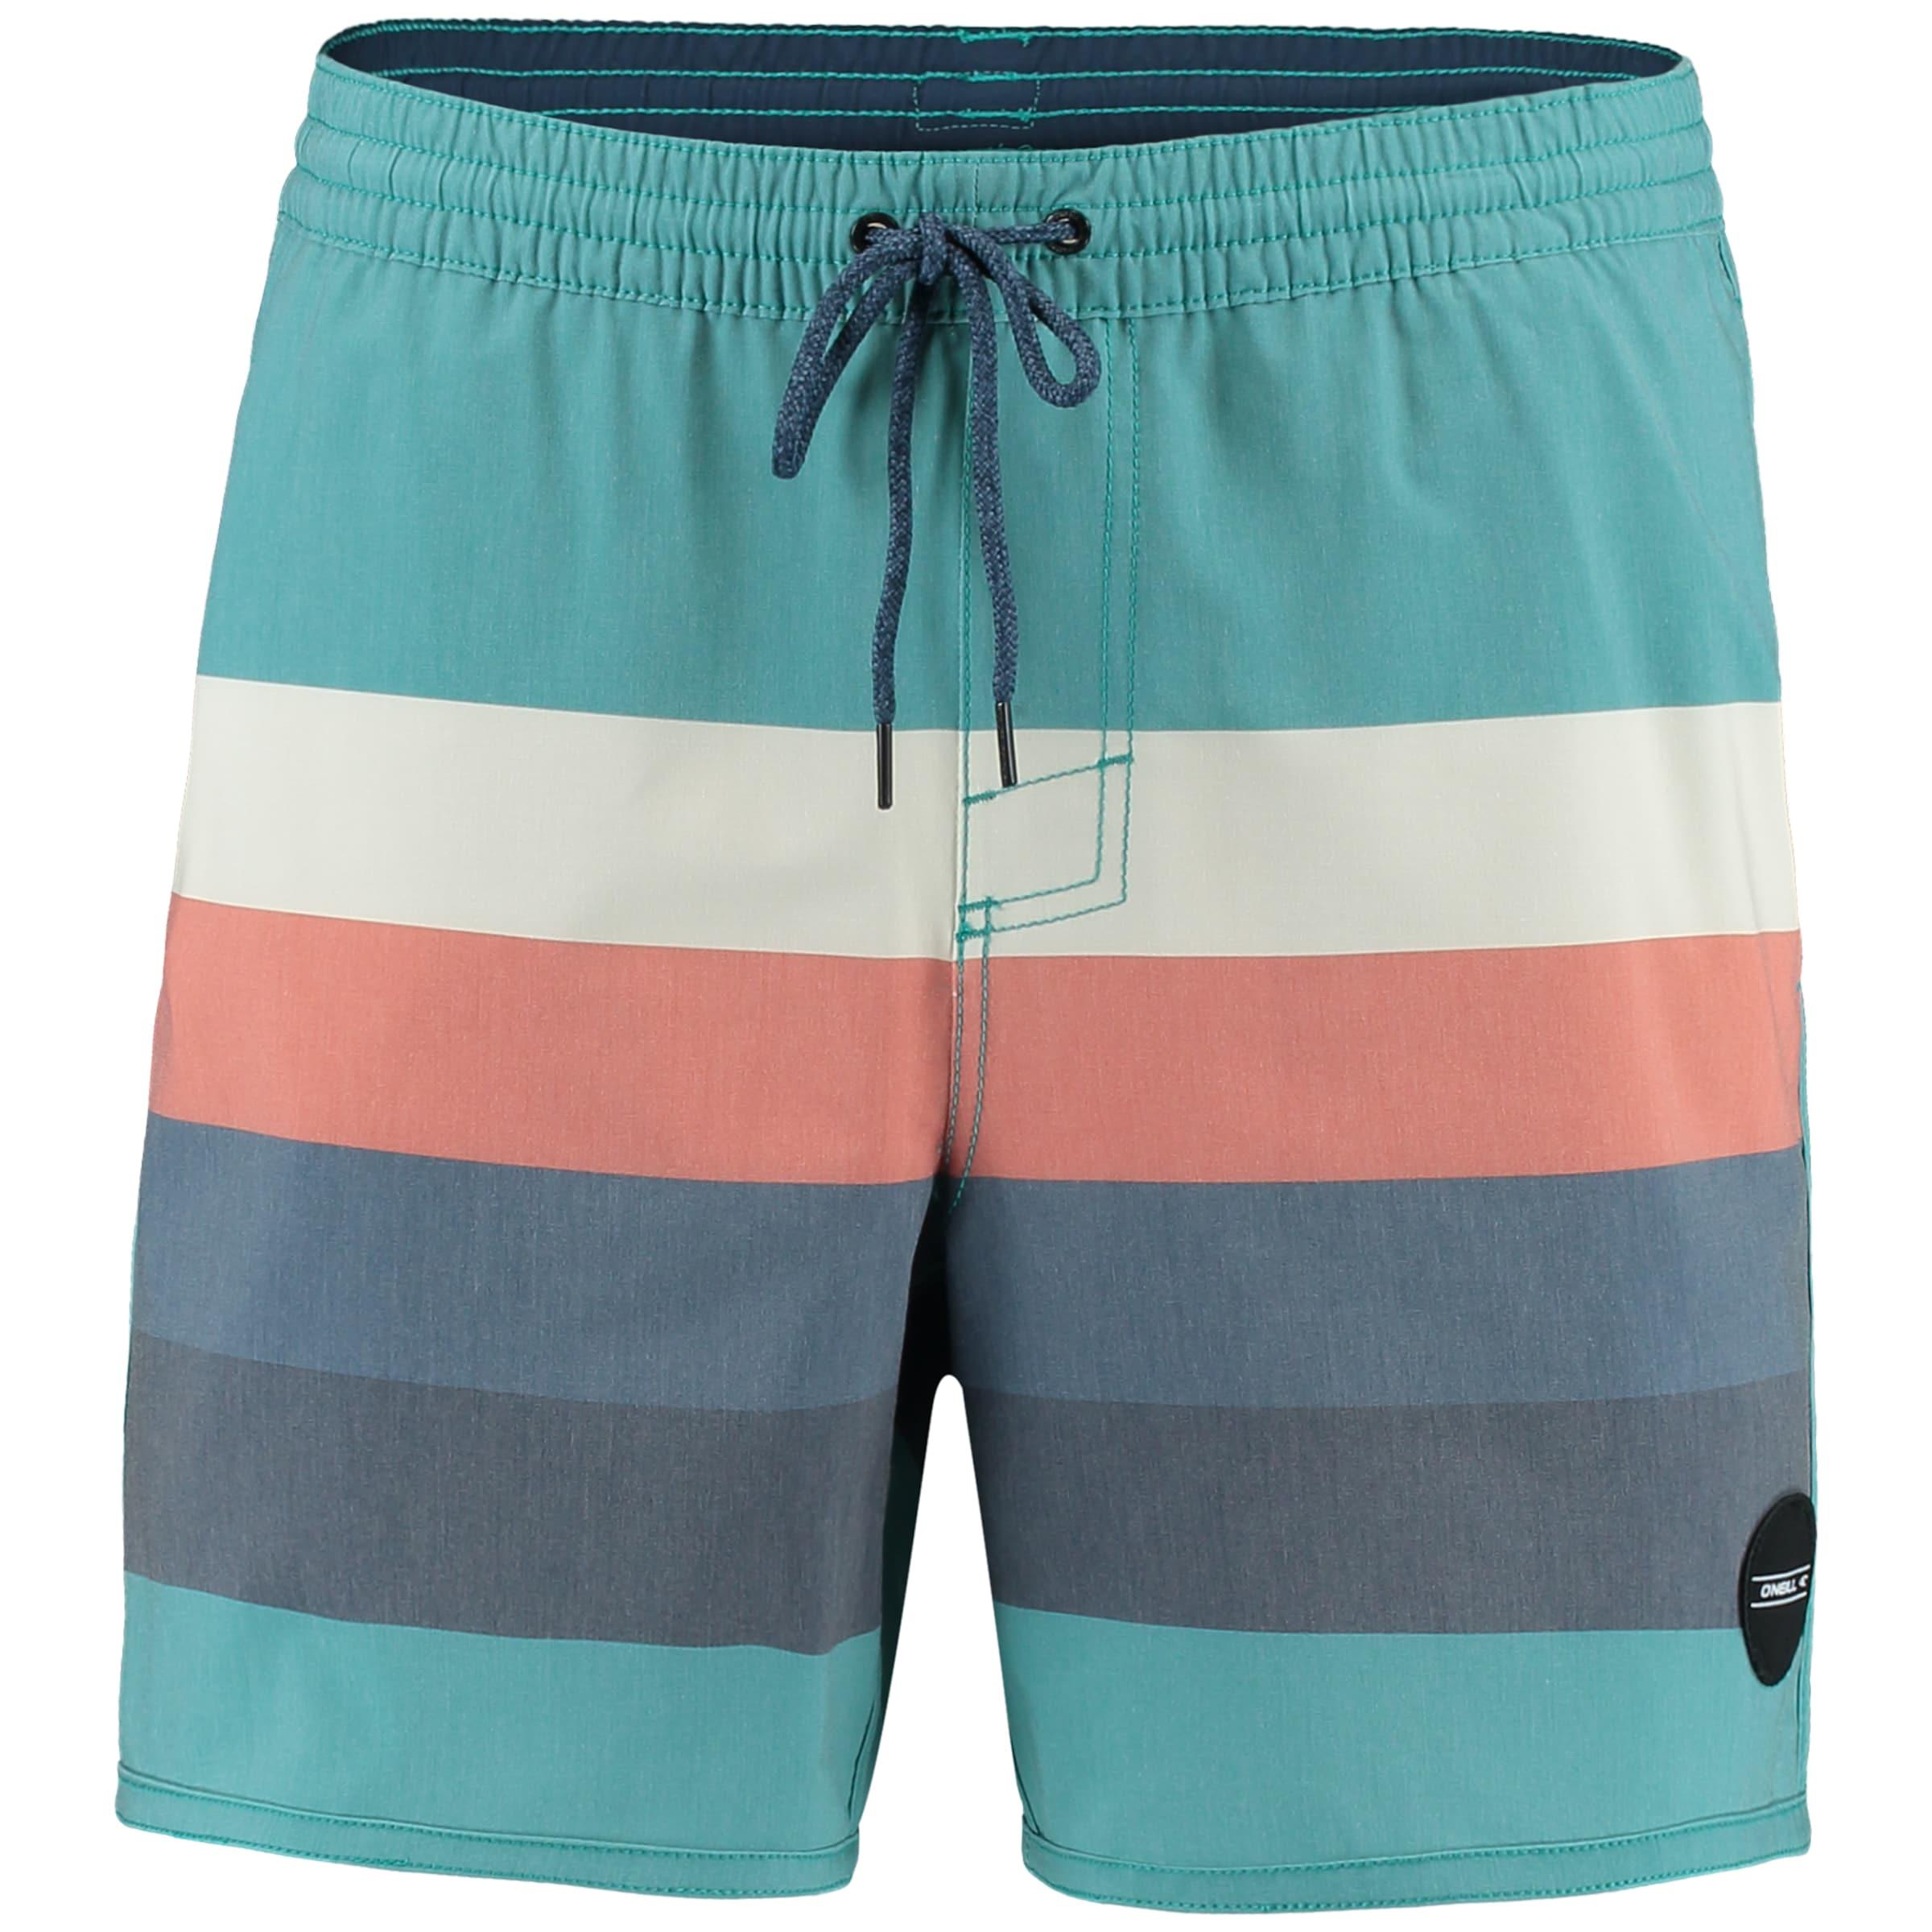 O'NEILL O'NEILL Shorts Horizon' Horizon' 'PM Horizon' 'PM O'NEILL Shorts 'PM Shorts ZaCwqZA